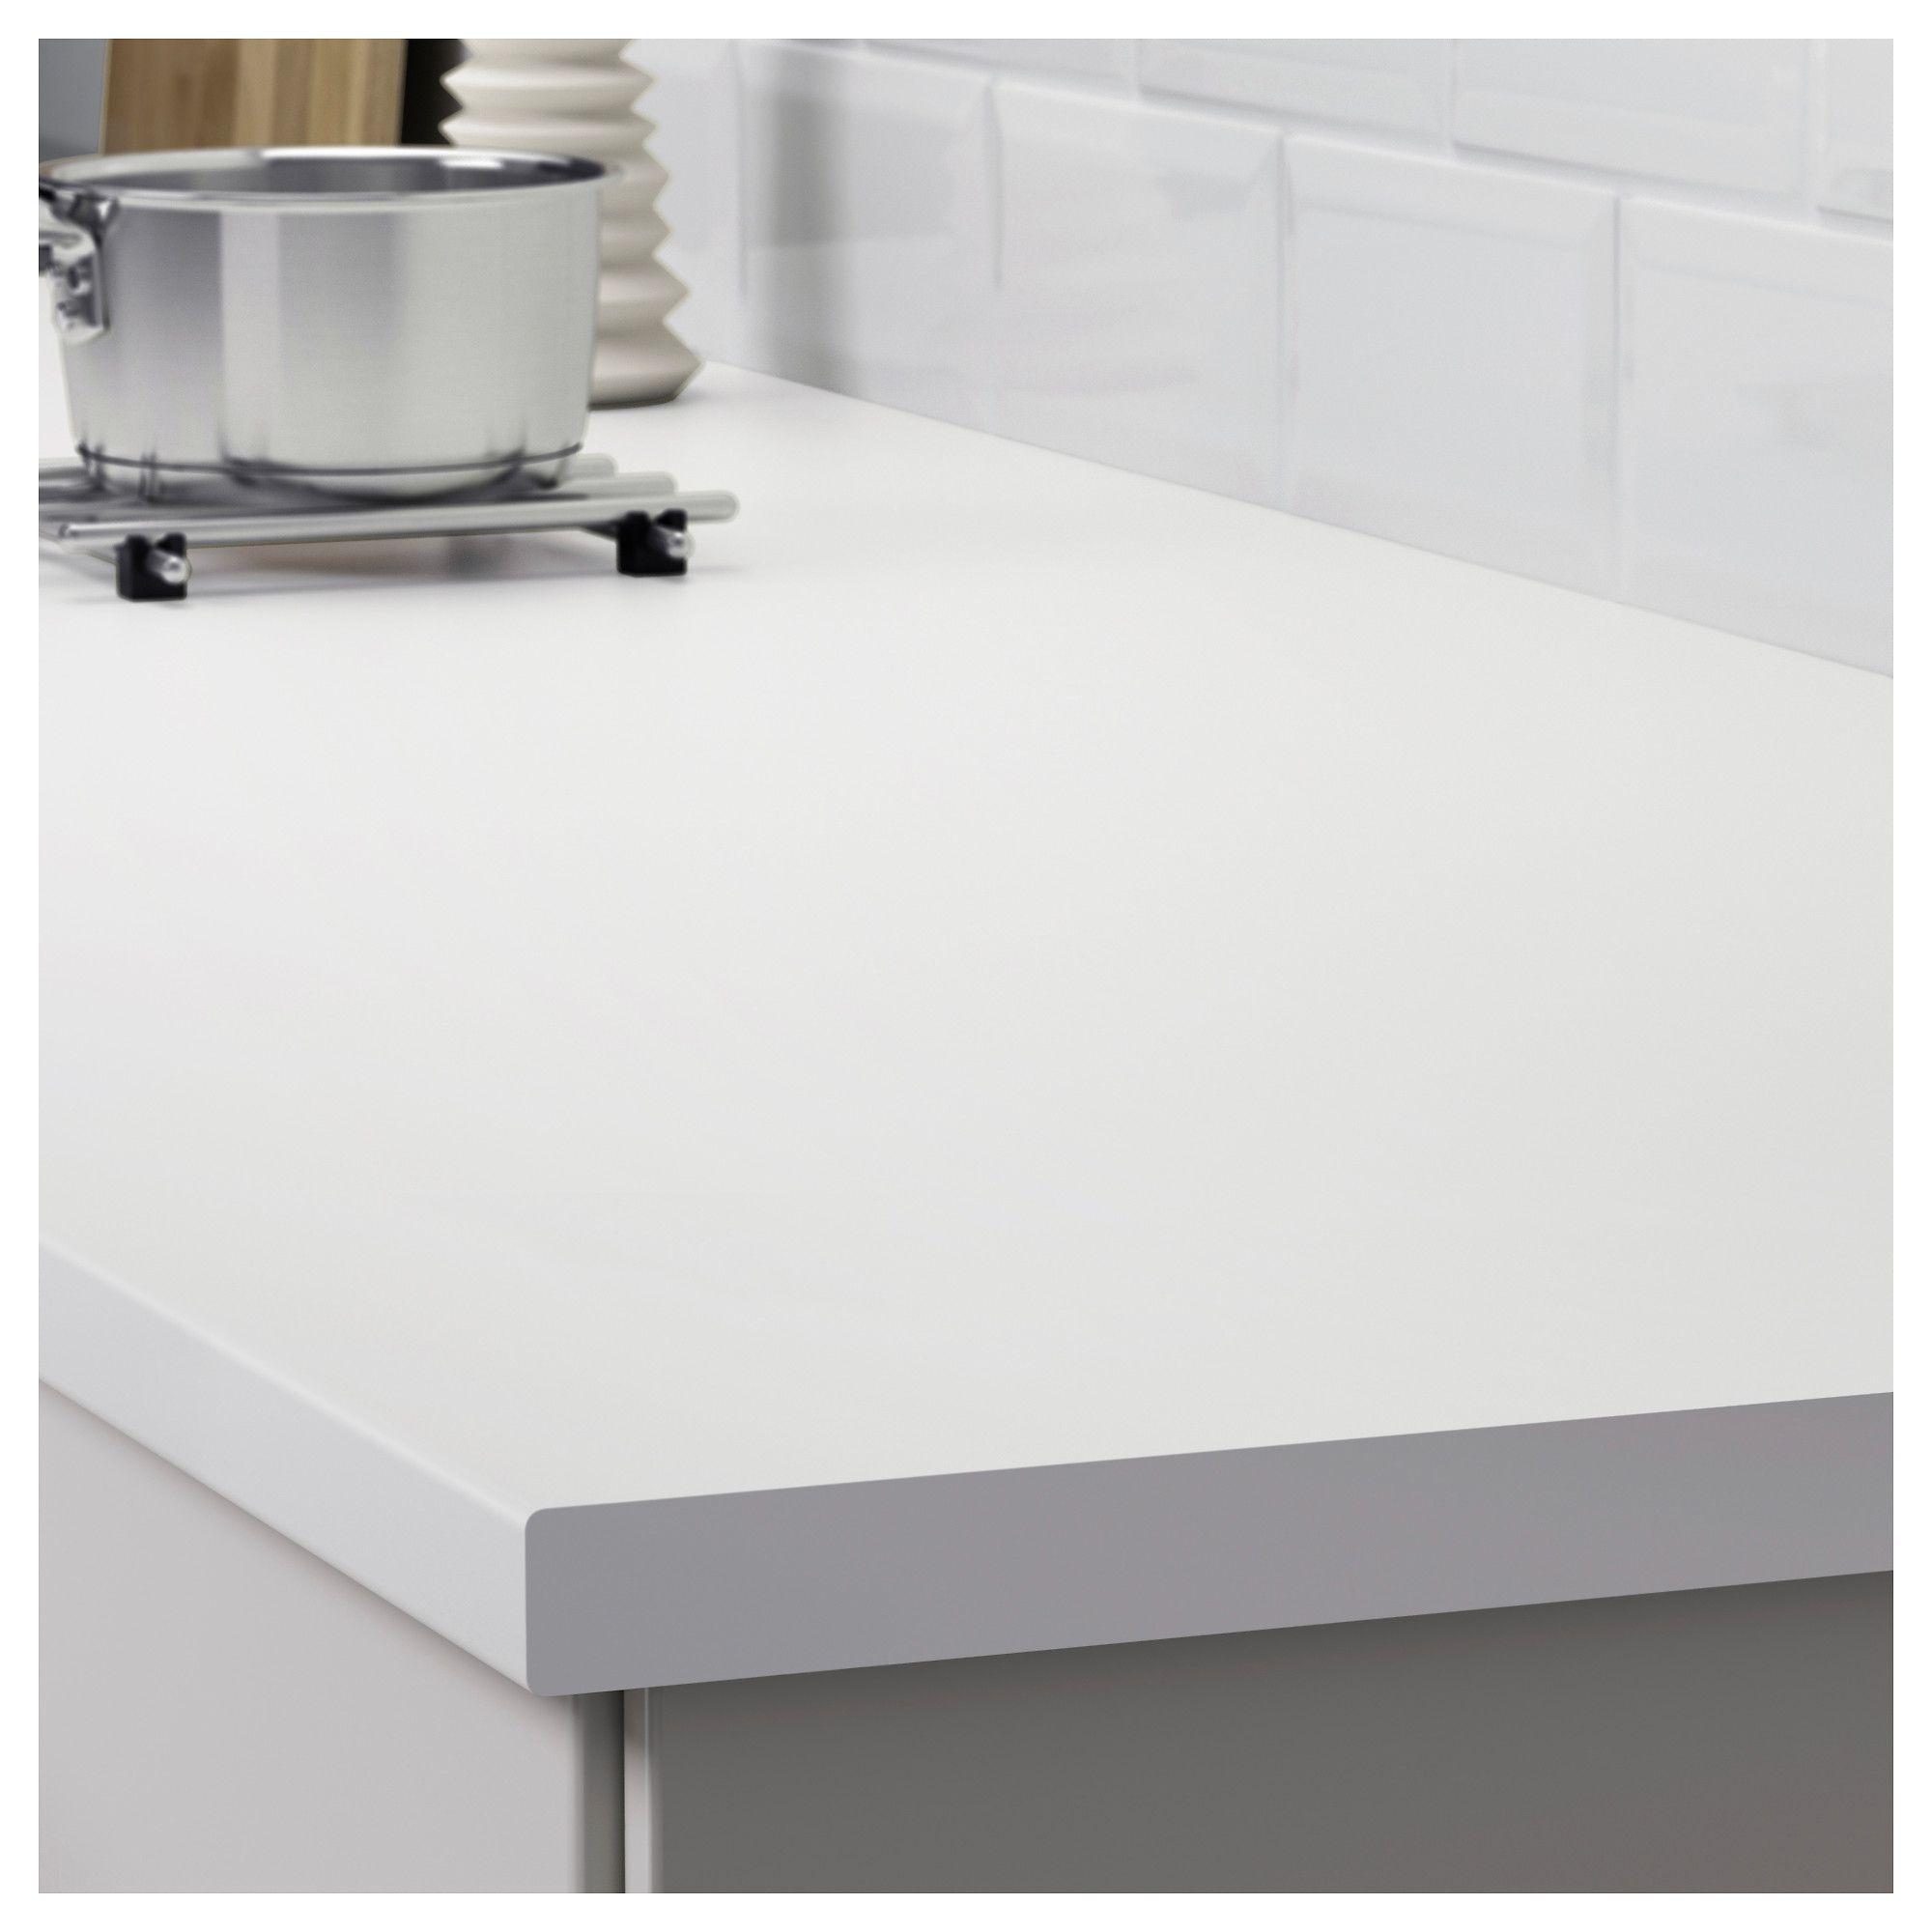 Lilltrask Countertop White Laminate 74x1 1 8 188x2 8 Cm